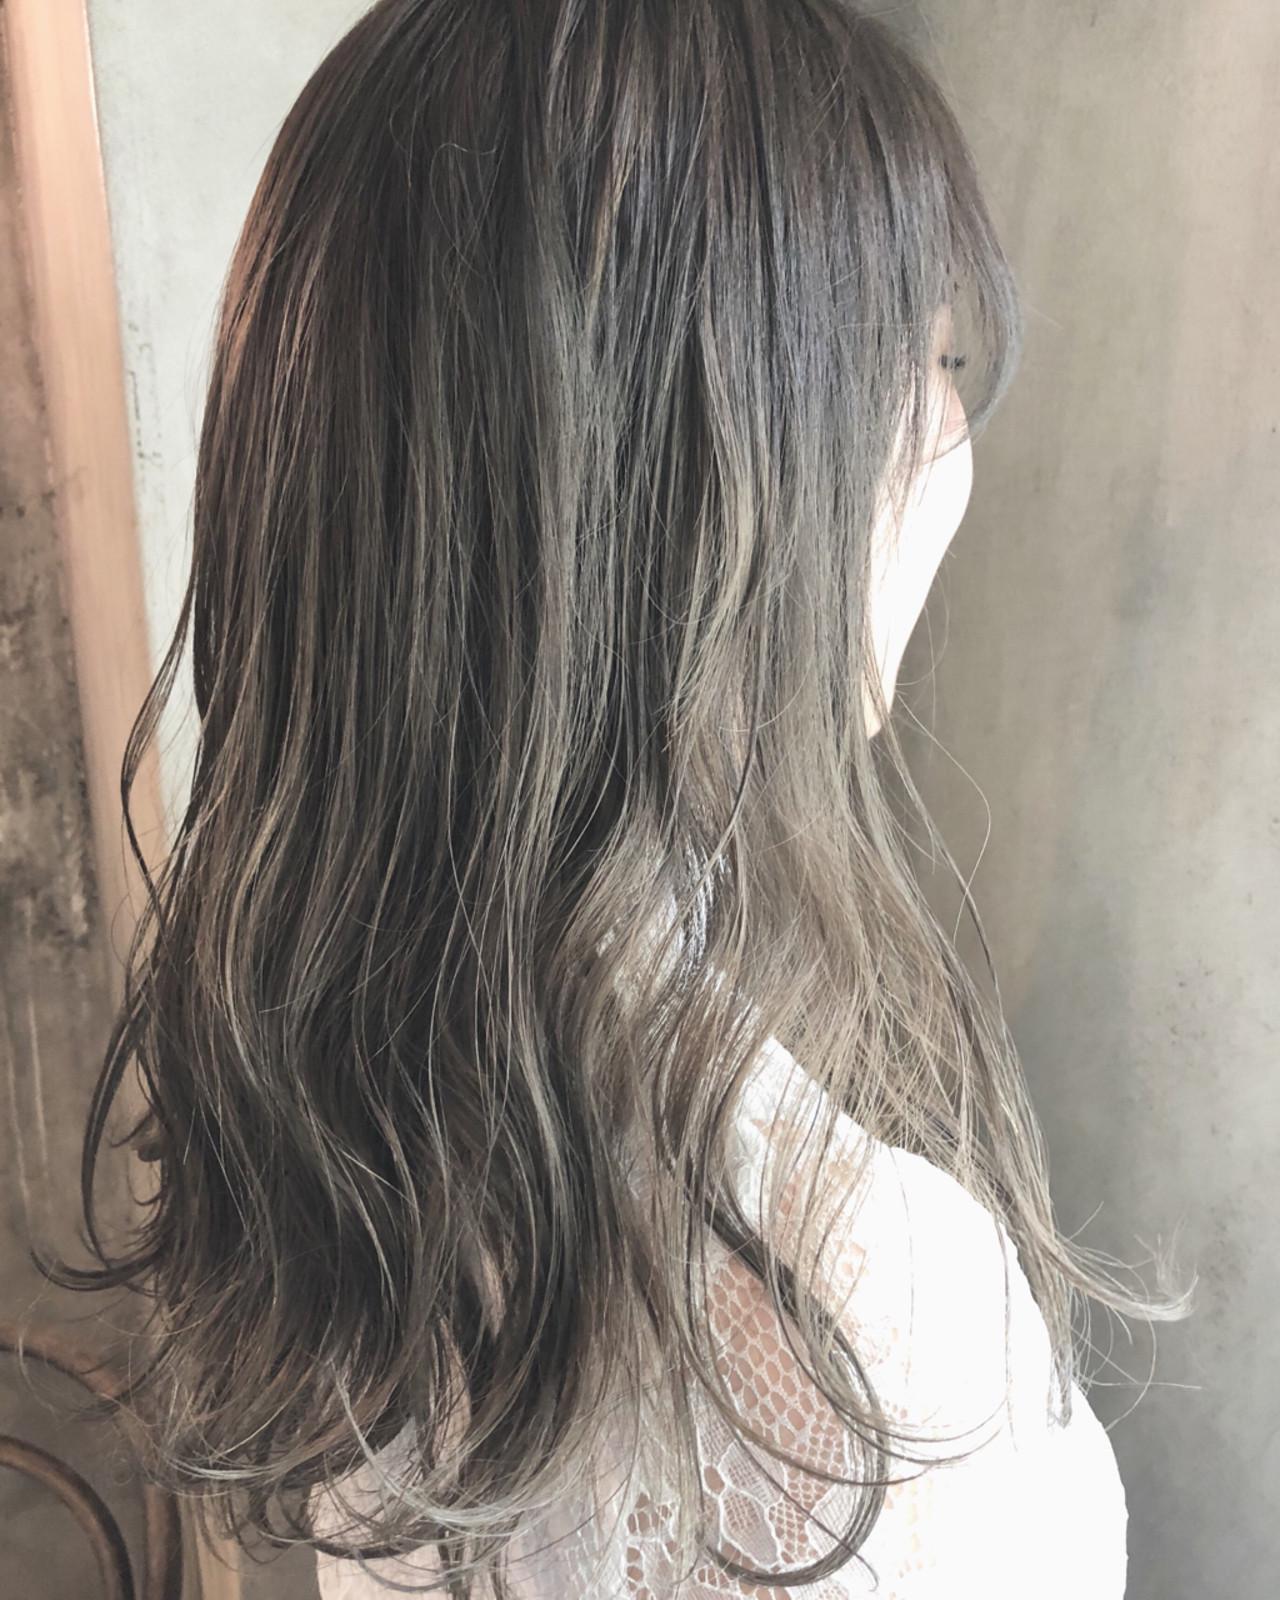 グレージュ 外国人風カラー 透明感 ナチュラル ヘアスタイルや髪型の写真・画像 | TAKE / AUBE hair KAI